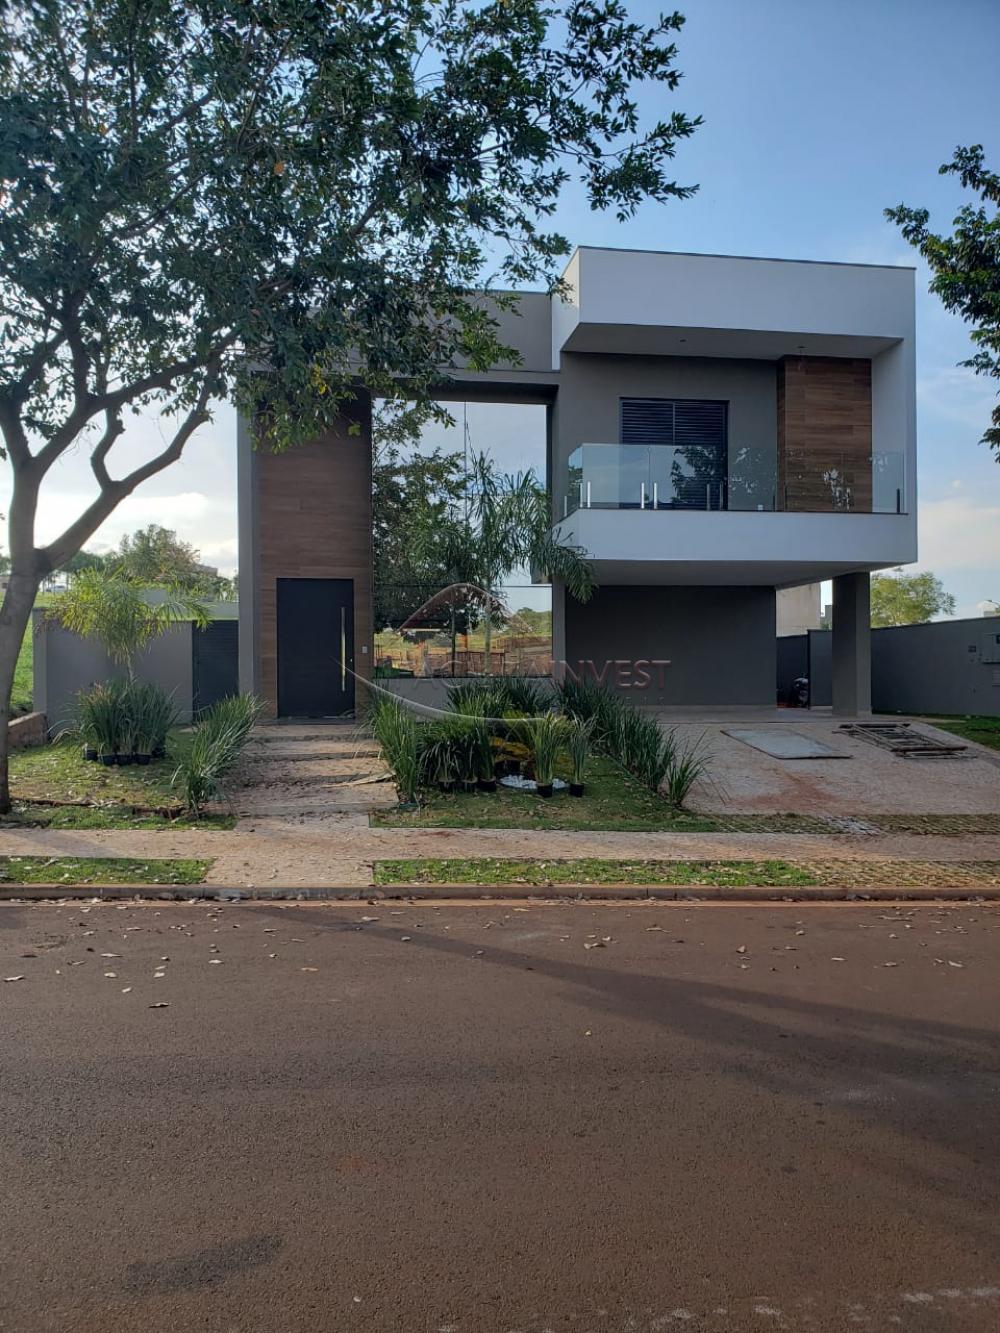 Comprar Casa Condomínio / Casa Condomínio em Ribeirão Preto apenas R$ 1.700.000,00 - Foto 2